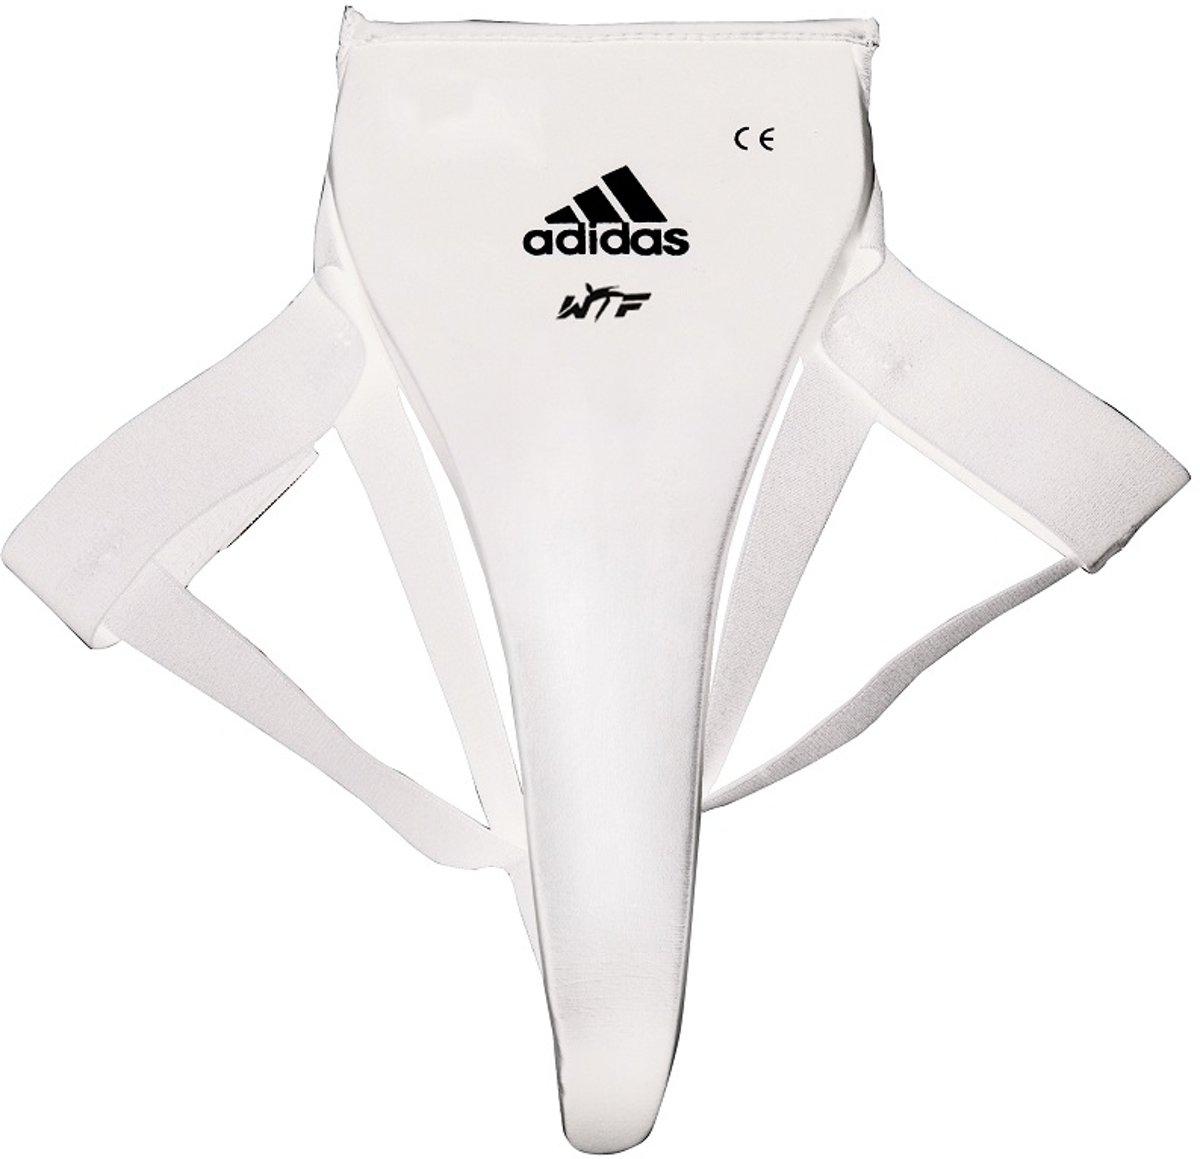 adidas WTF Kruisbeschermer Taekwondo Dames Medium kopen